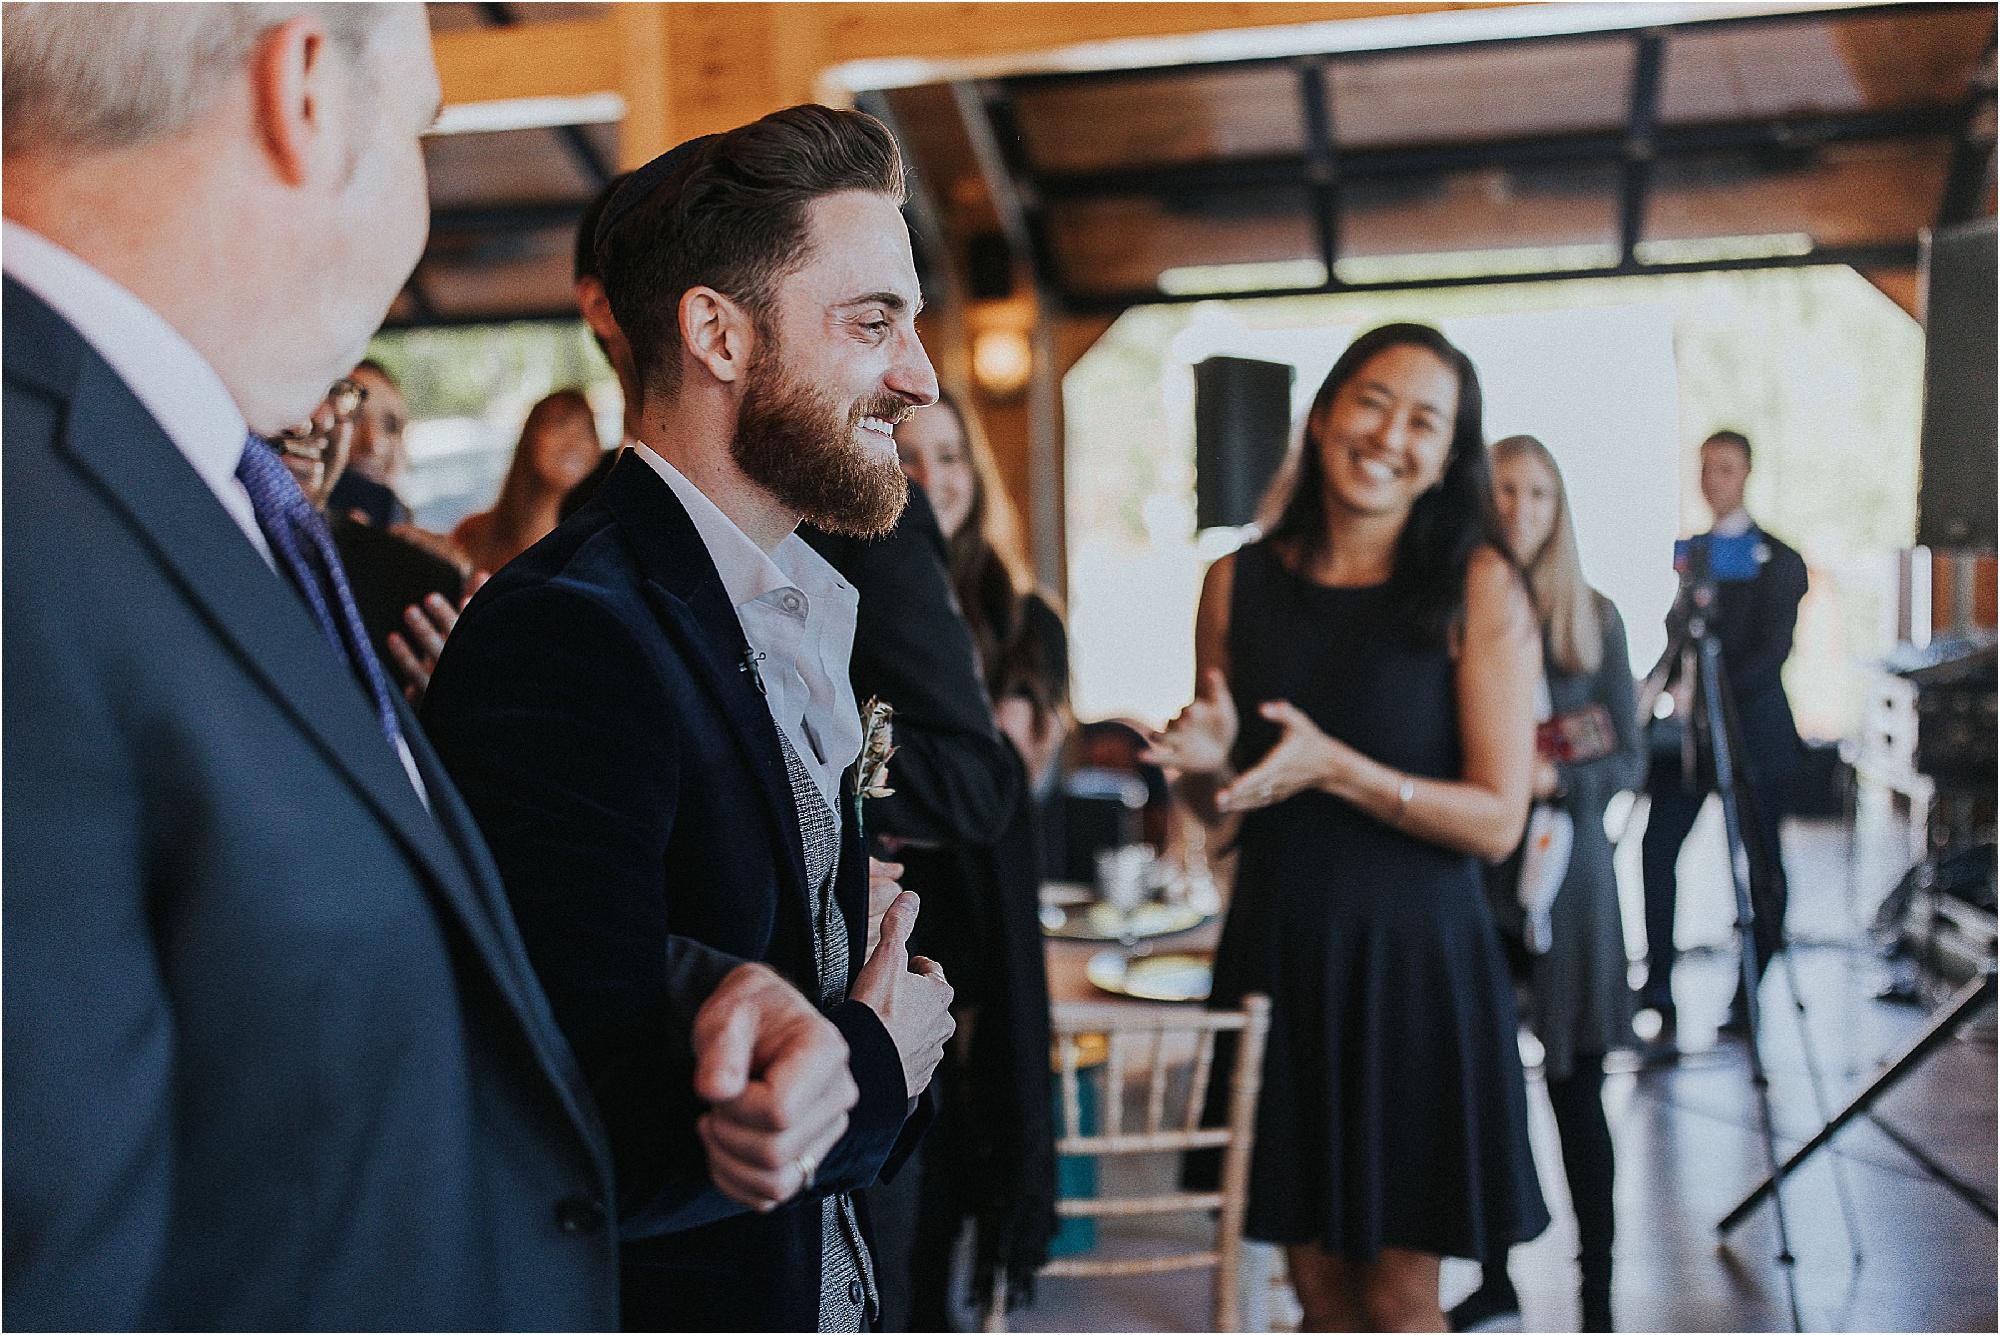 The B'deken between bride and groom at Jewish Wedding